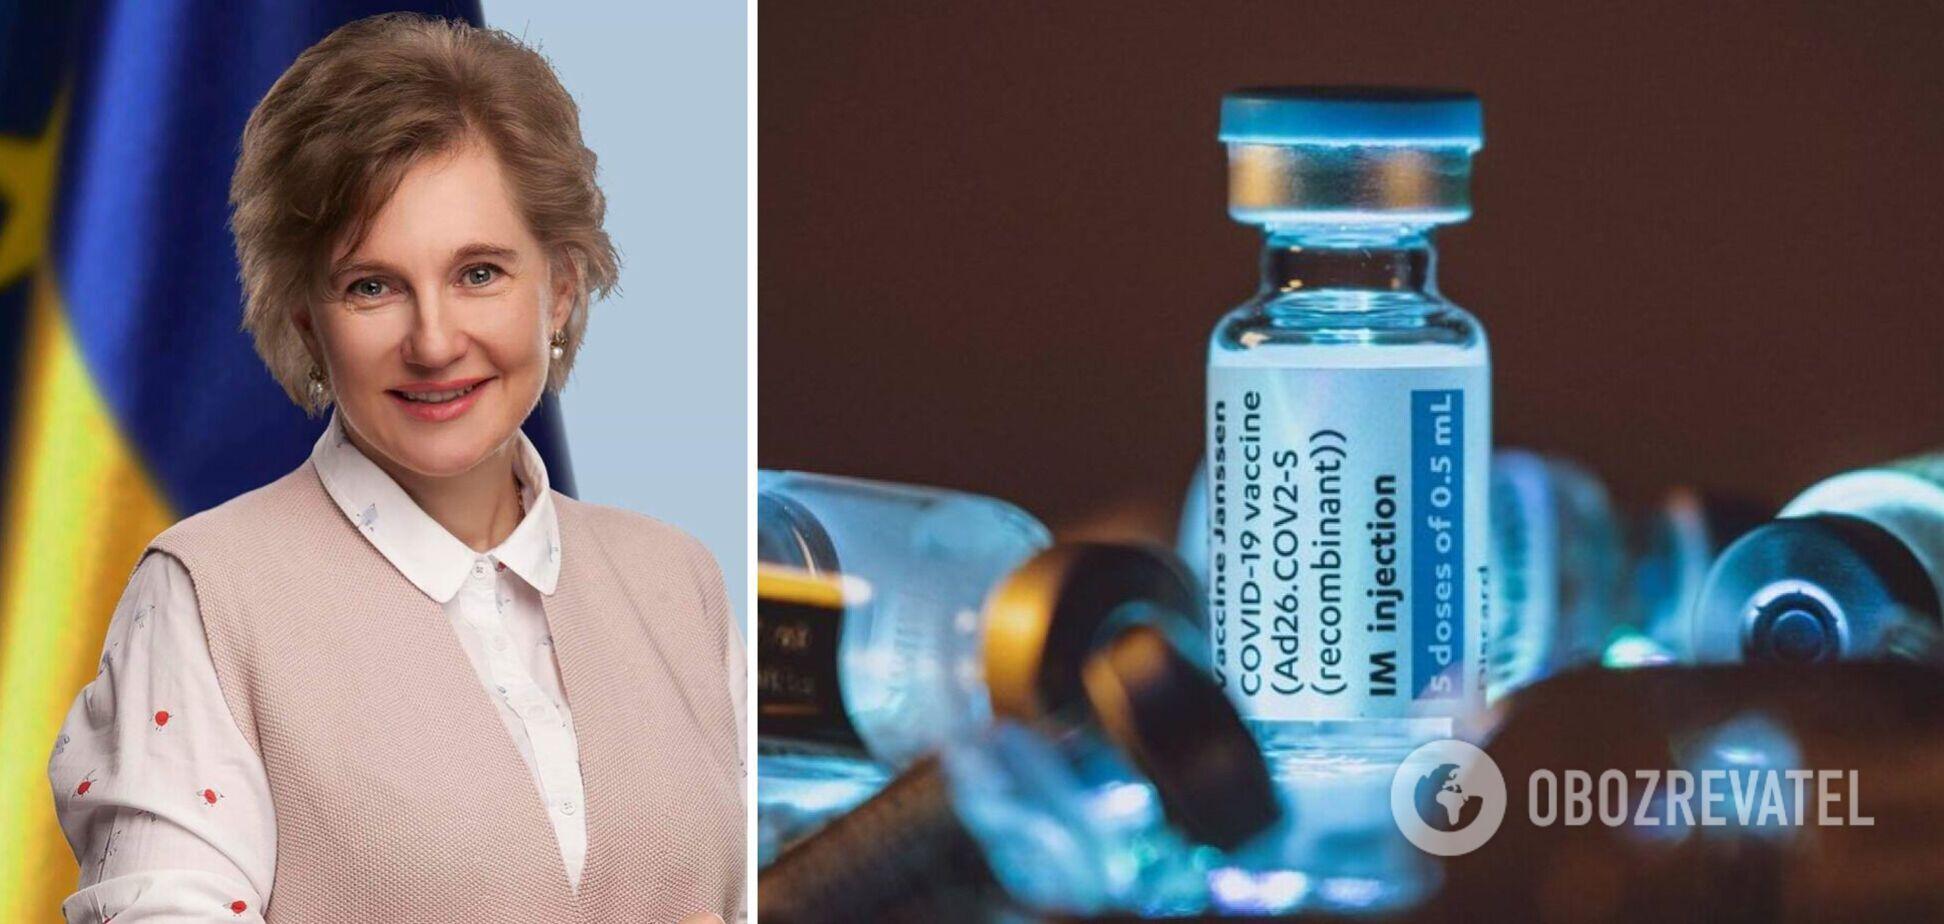 Голубовська назвала головні протипоказання до вакцинації від COVID-19: кому не можна робити щеплення